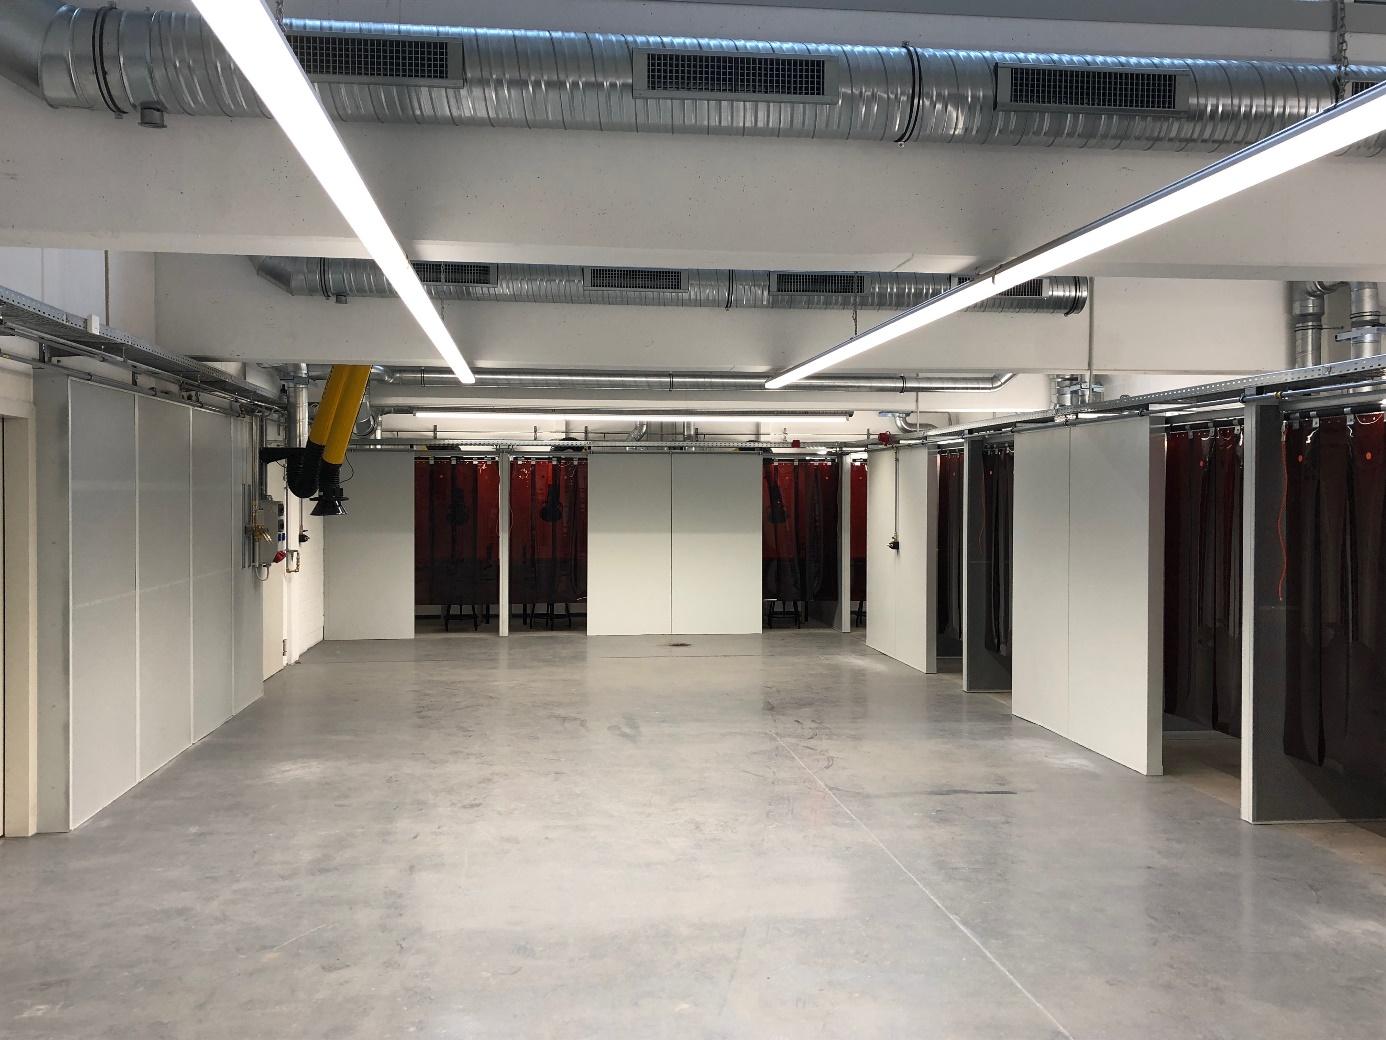 Schallgedämmte Schweißerkabinen (links, Vorführplatz, Schweißen mit Schallschutzwand)